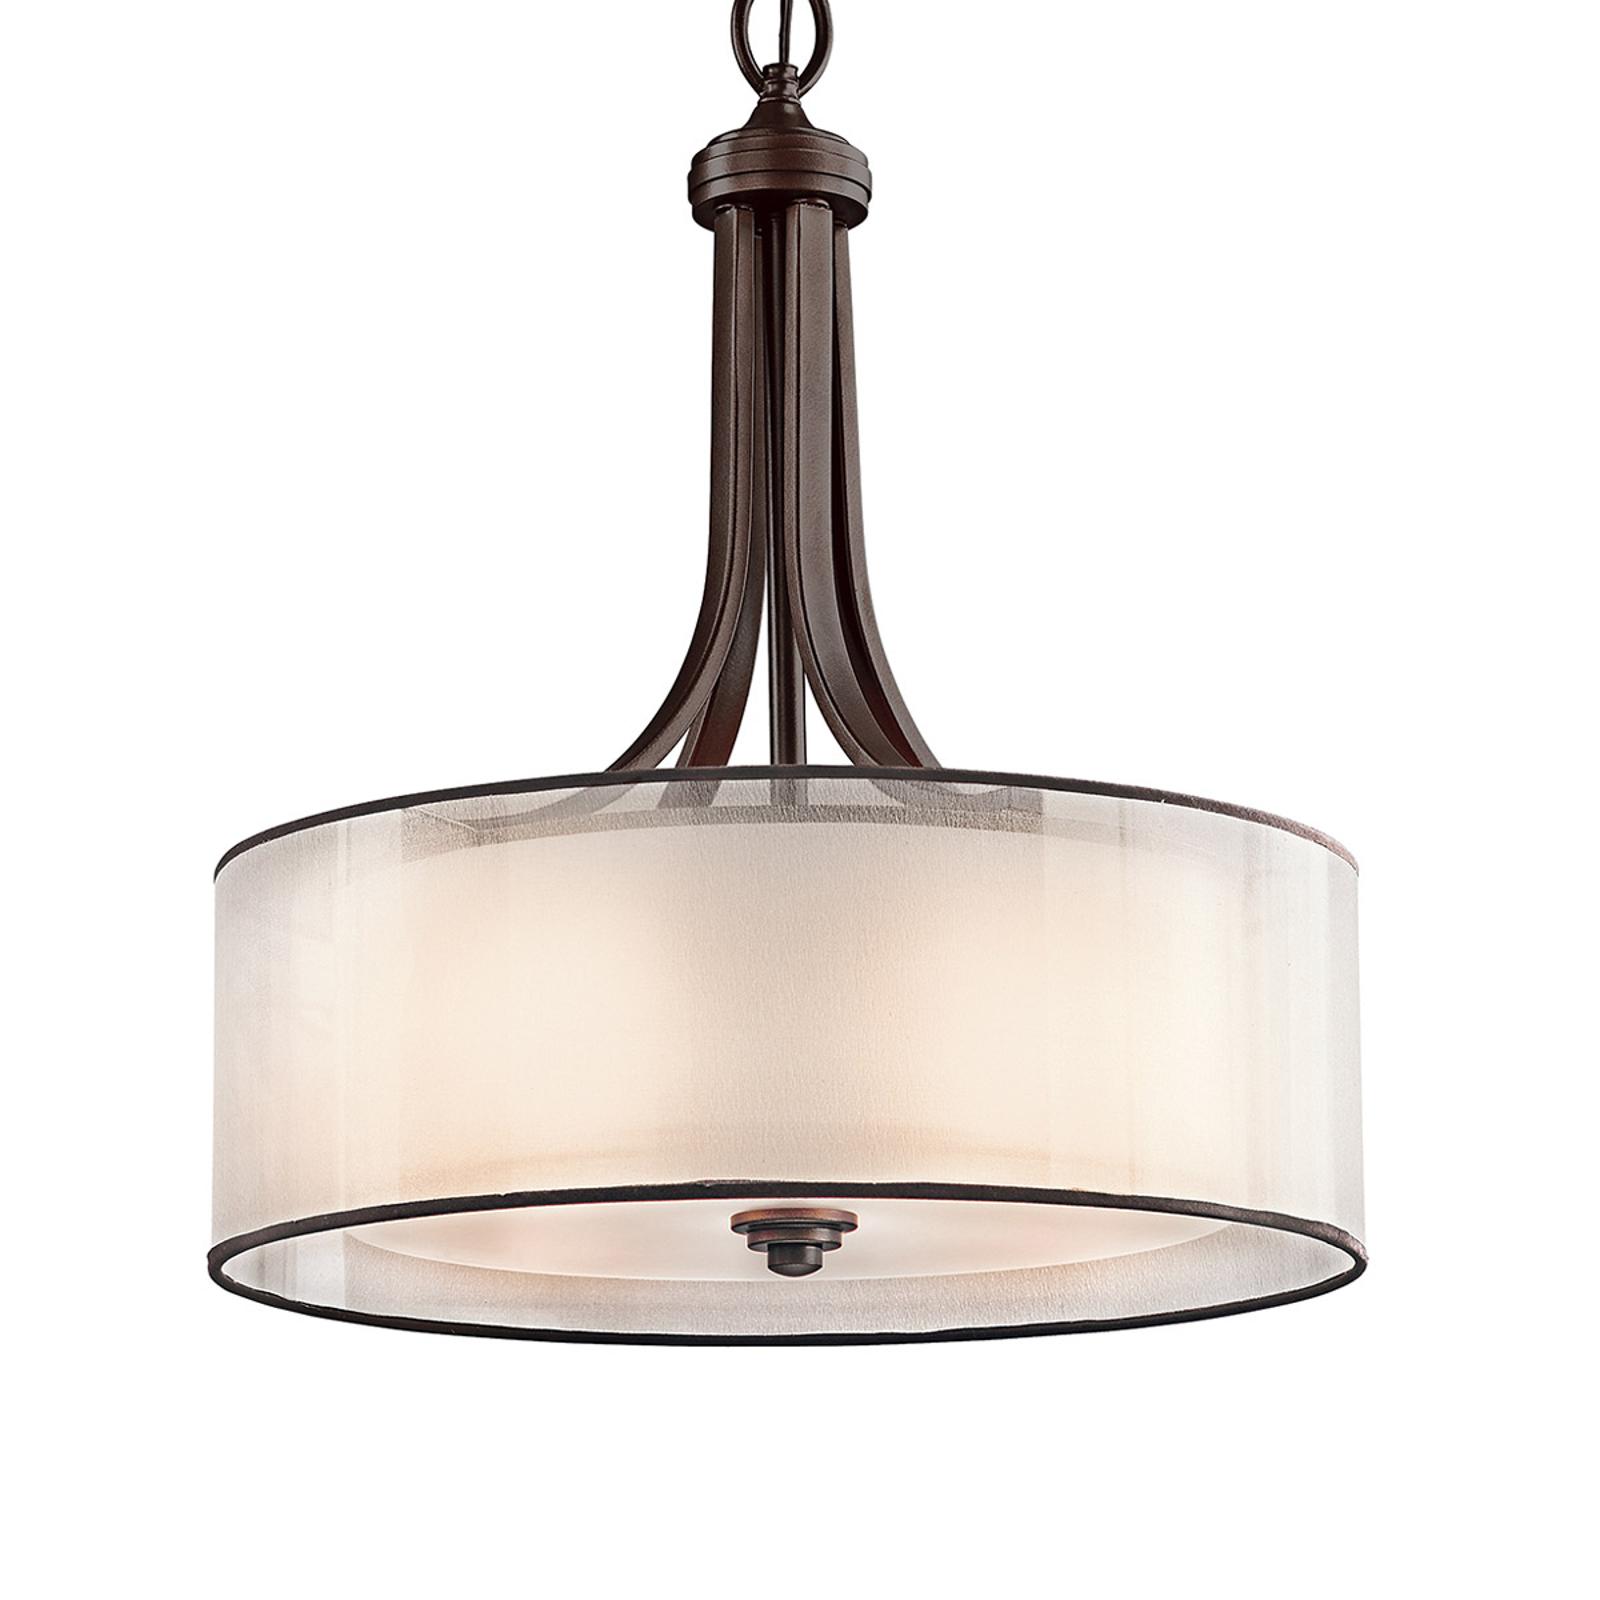 Lacey hængelampe med dobbeltskærm